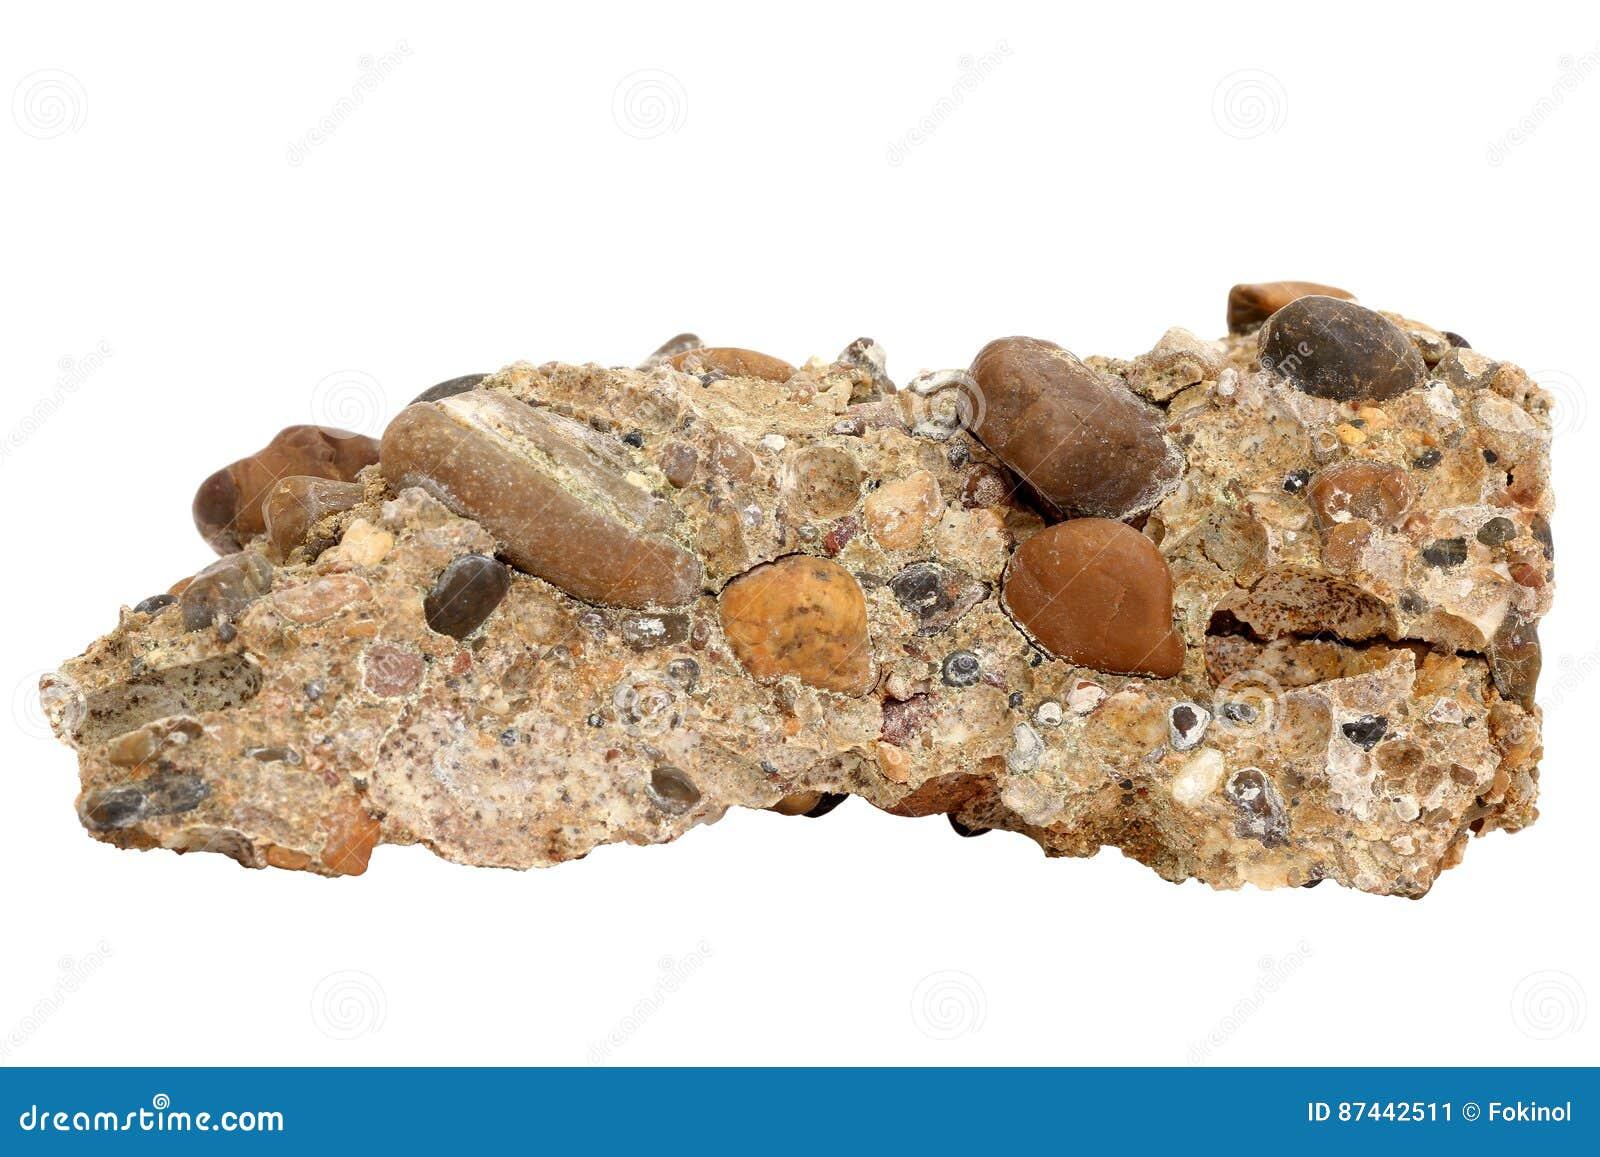 Muestra natural de roca conglomerada de la grava y de los guijarros cementados en el fondo blanco